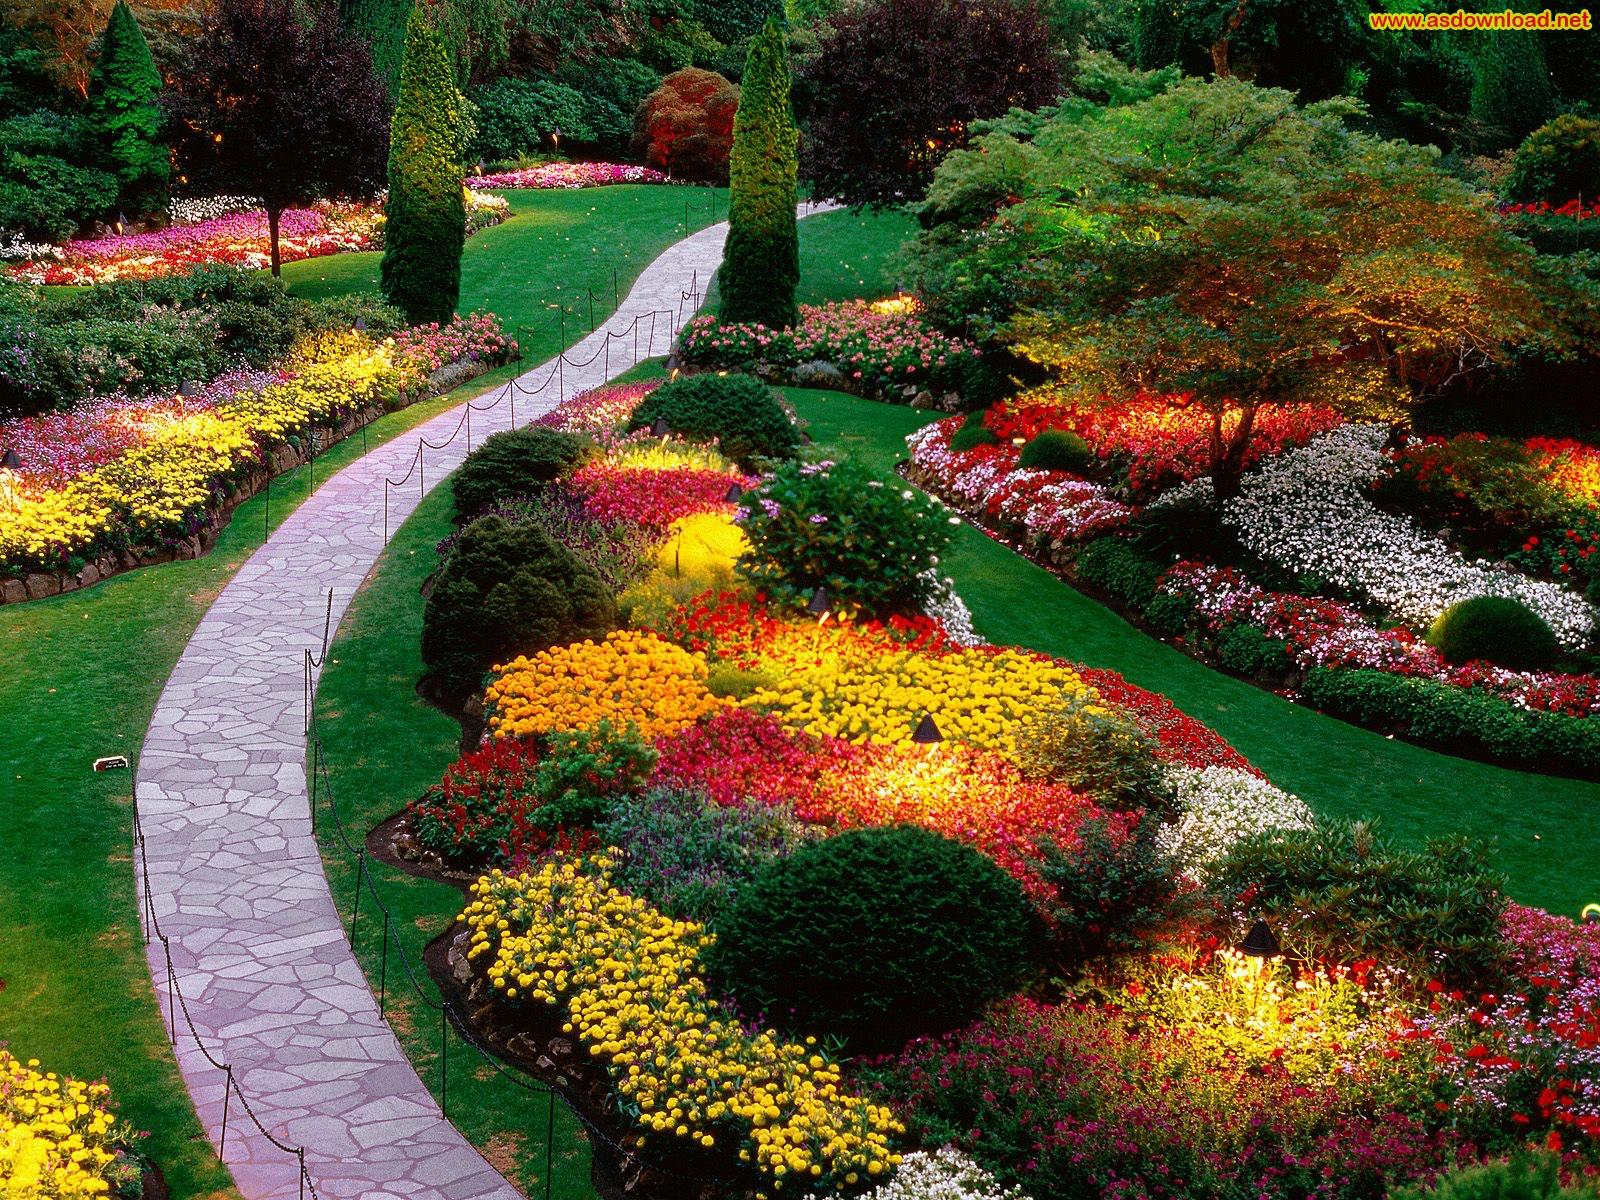 دانلود عکس زیباترین باغچه های جهان